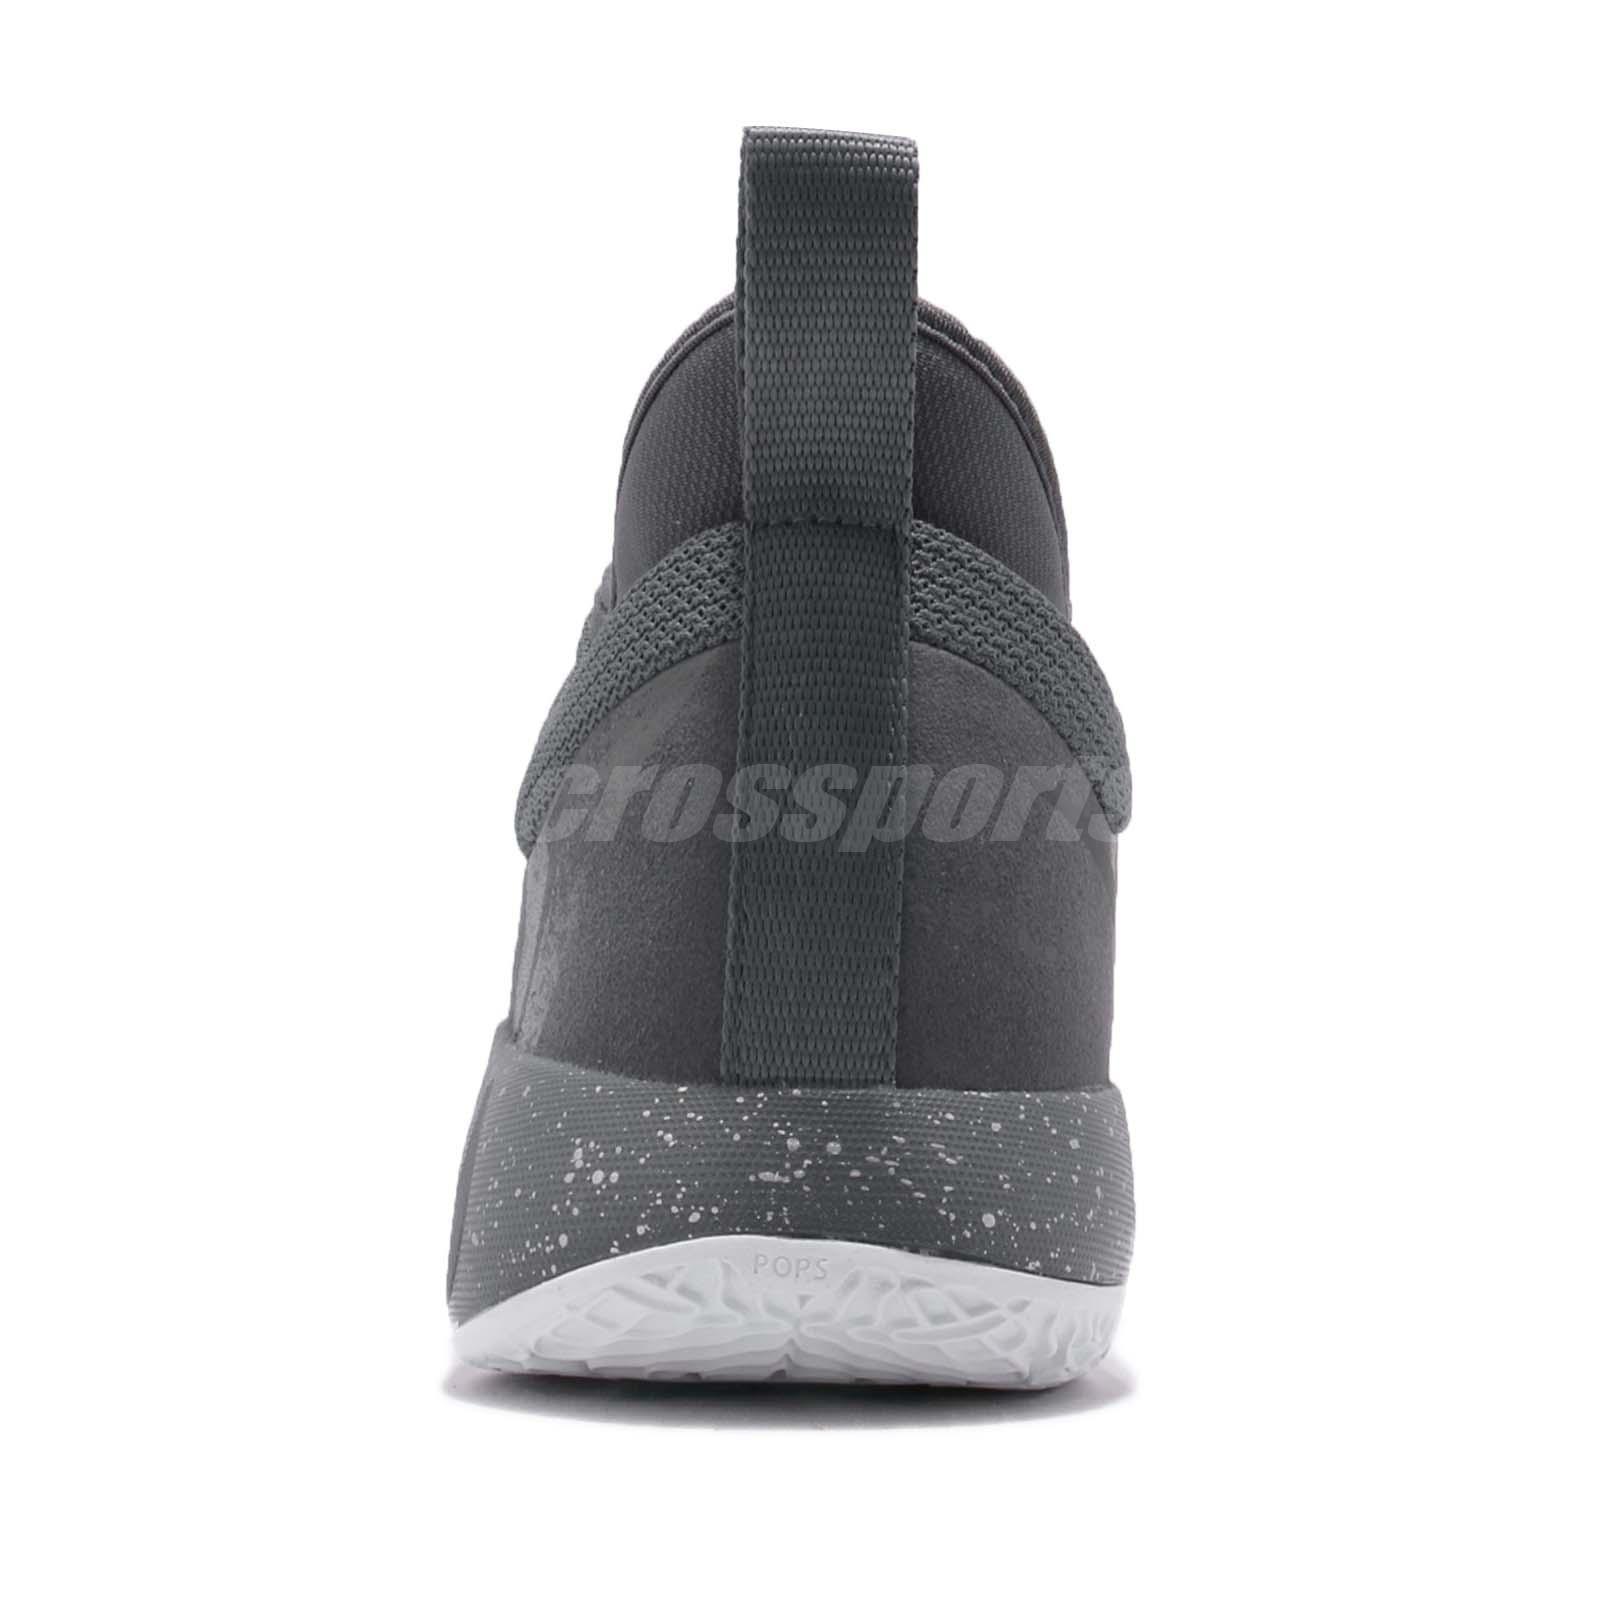 8d1e75ea3 Nike PG 2.5 EP Paul George Grey Green White Men Basketball Shoes ...